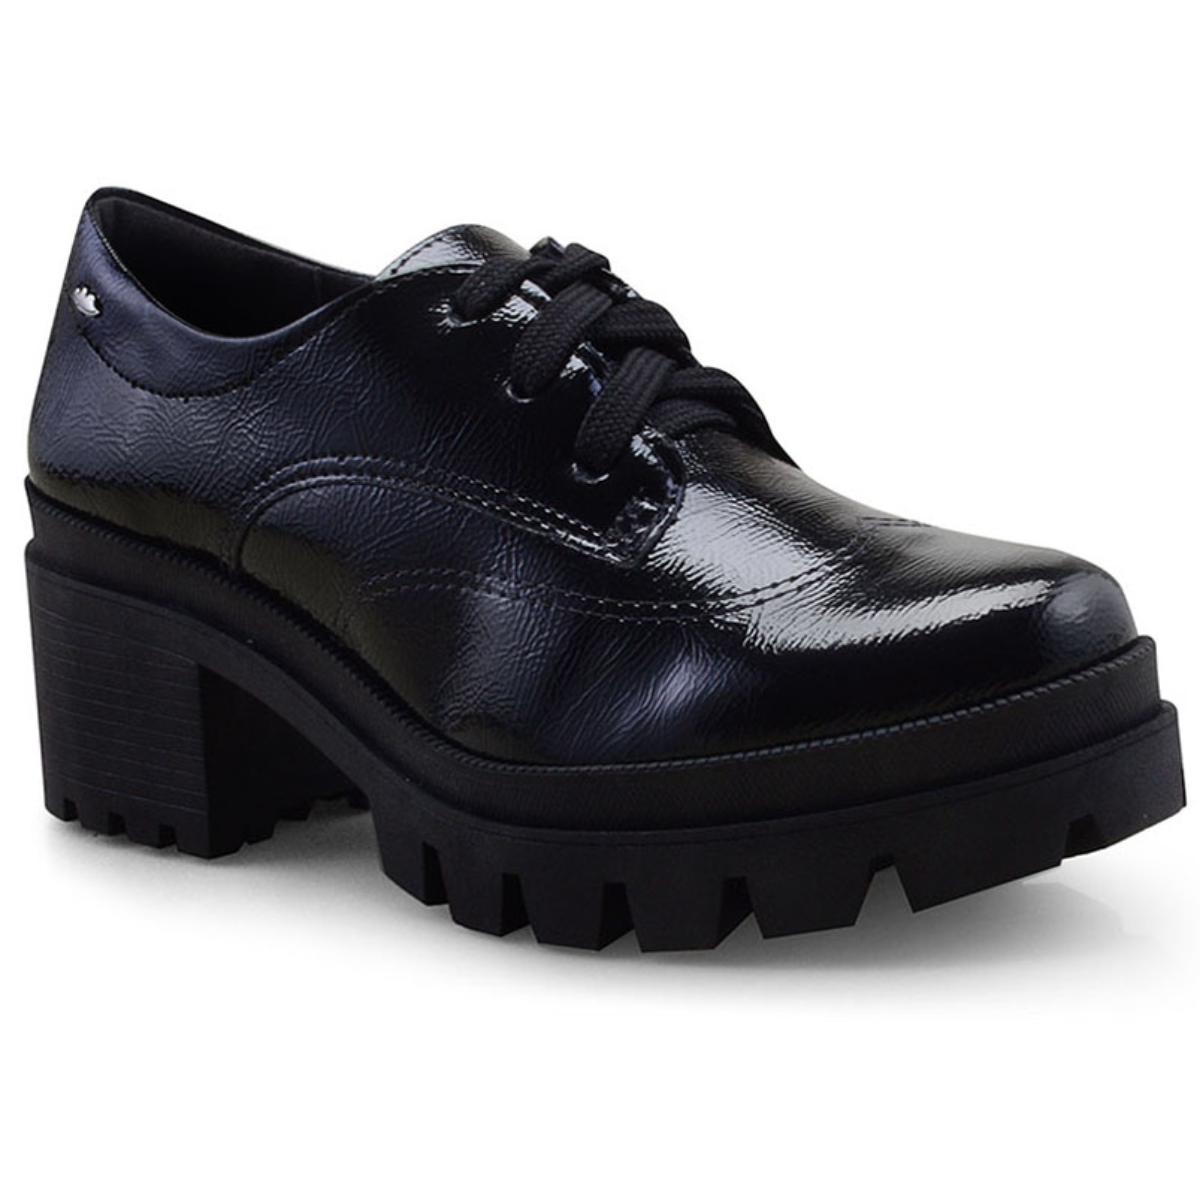 Sapato Feminino Dakota G1353 Preto